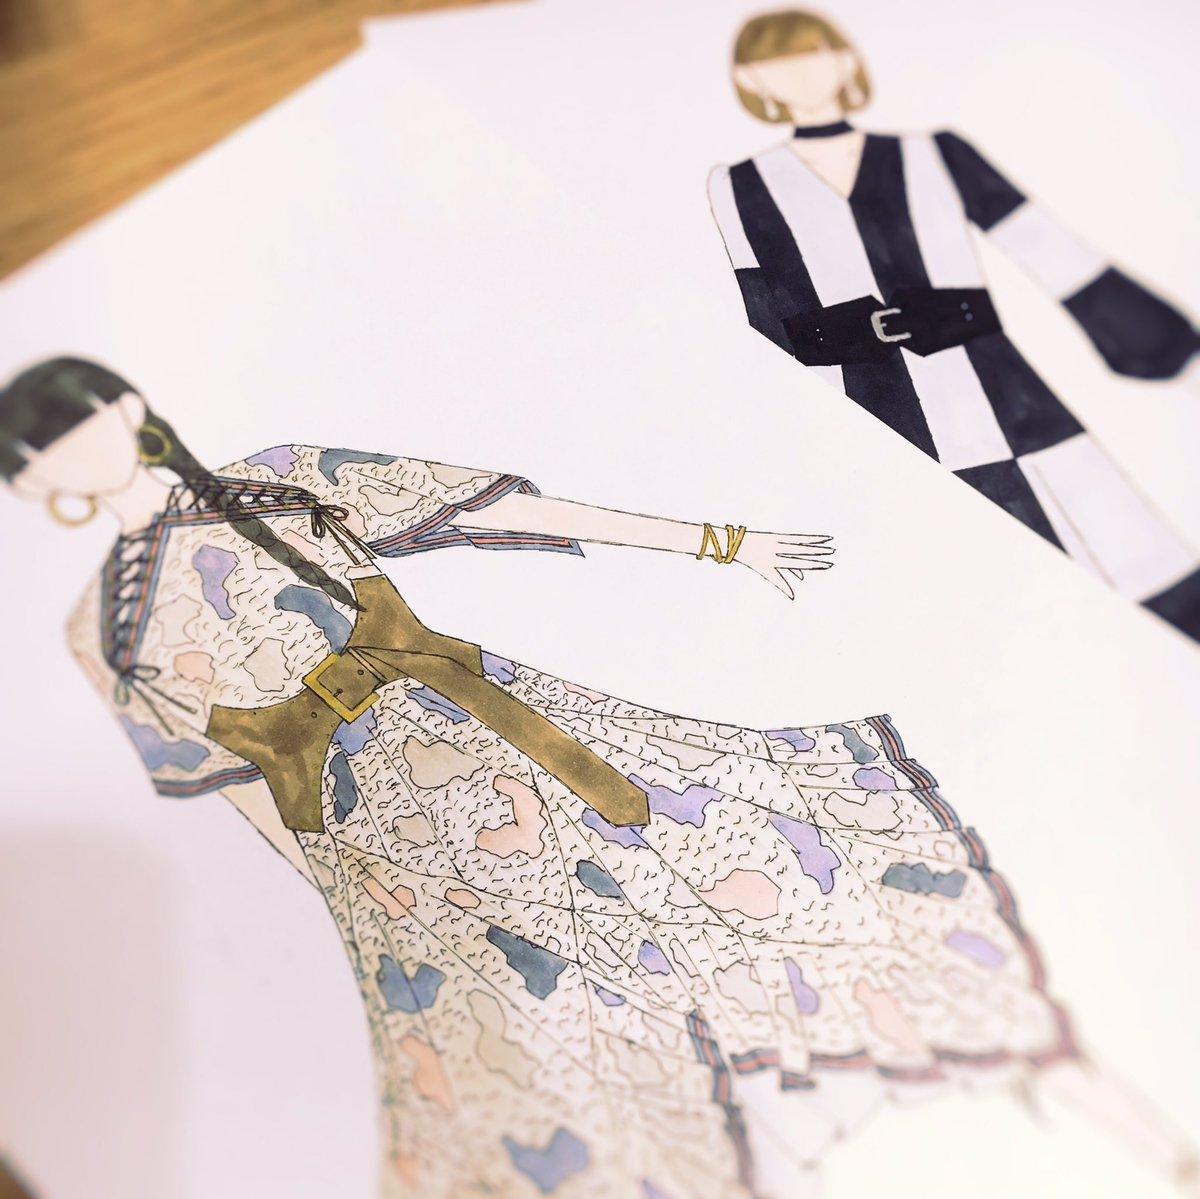 乃木坂46真夏の全国ツアー2019 地図をモチーフにした衣裳